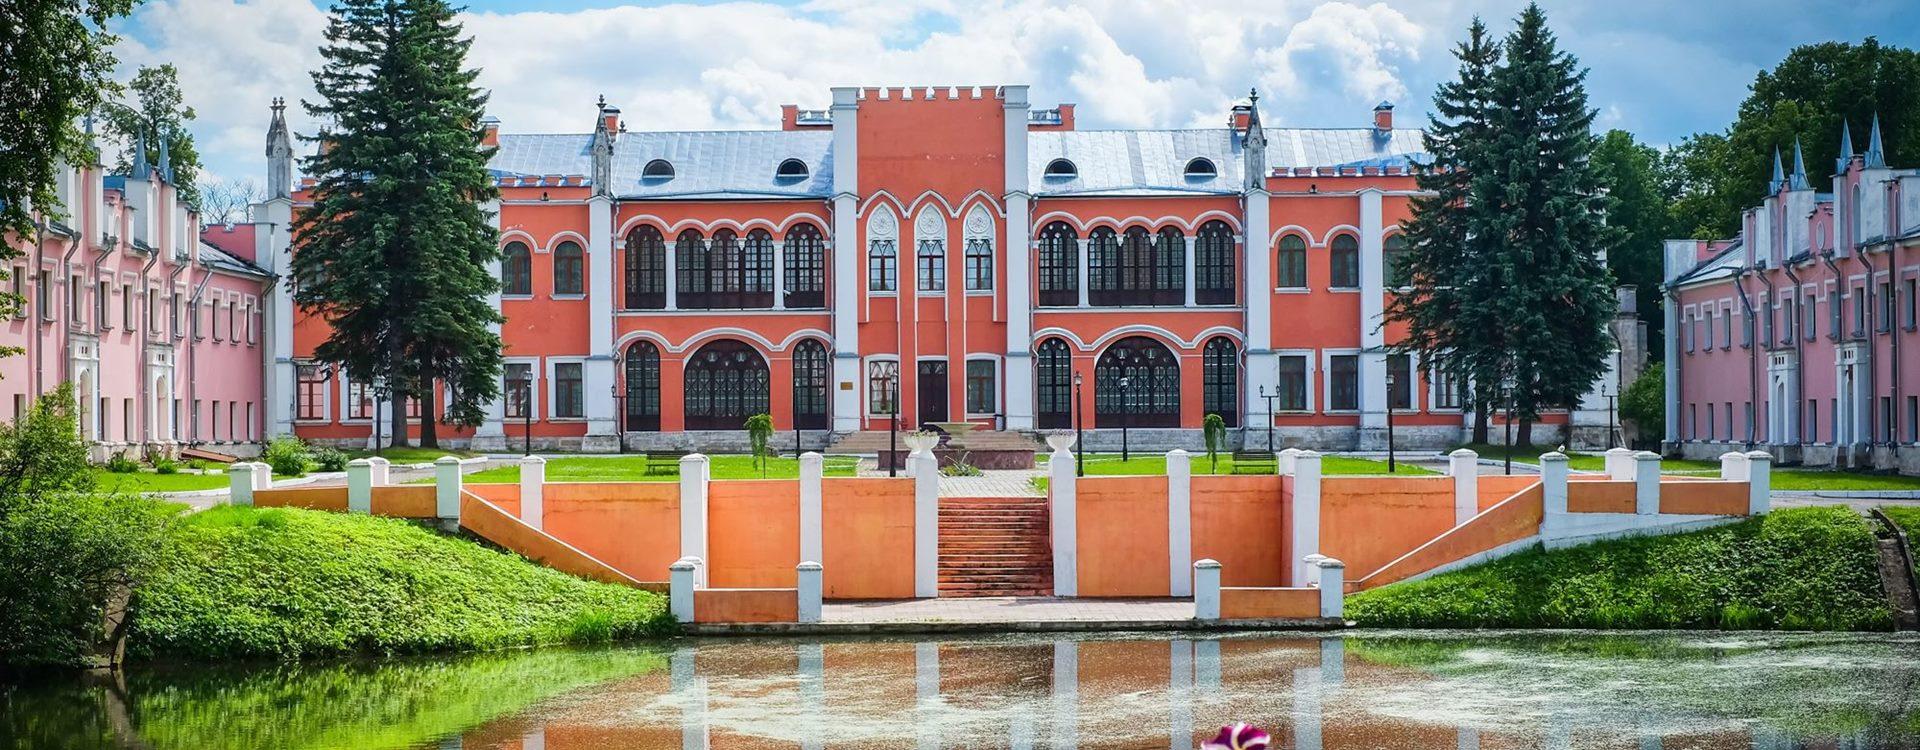 Необычный отдых в Подмосковье: заповедники, музеи, отели и места активного отдыха